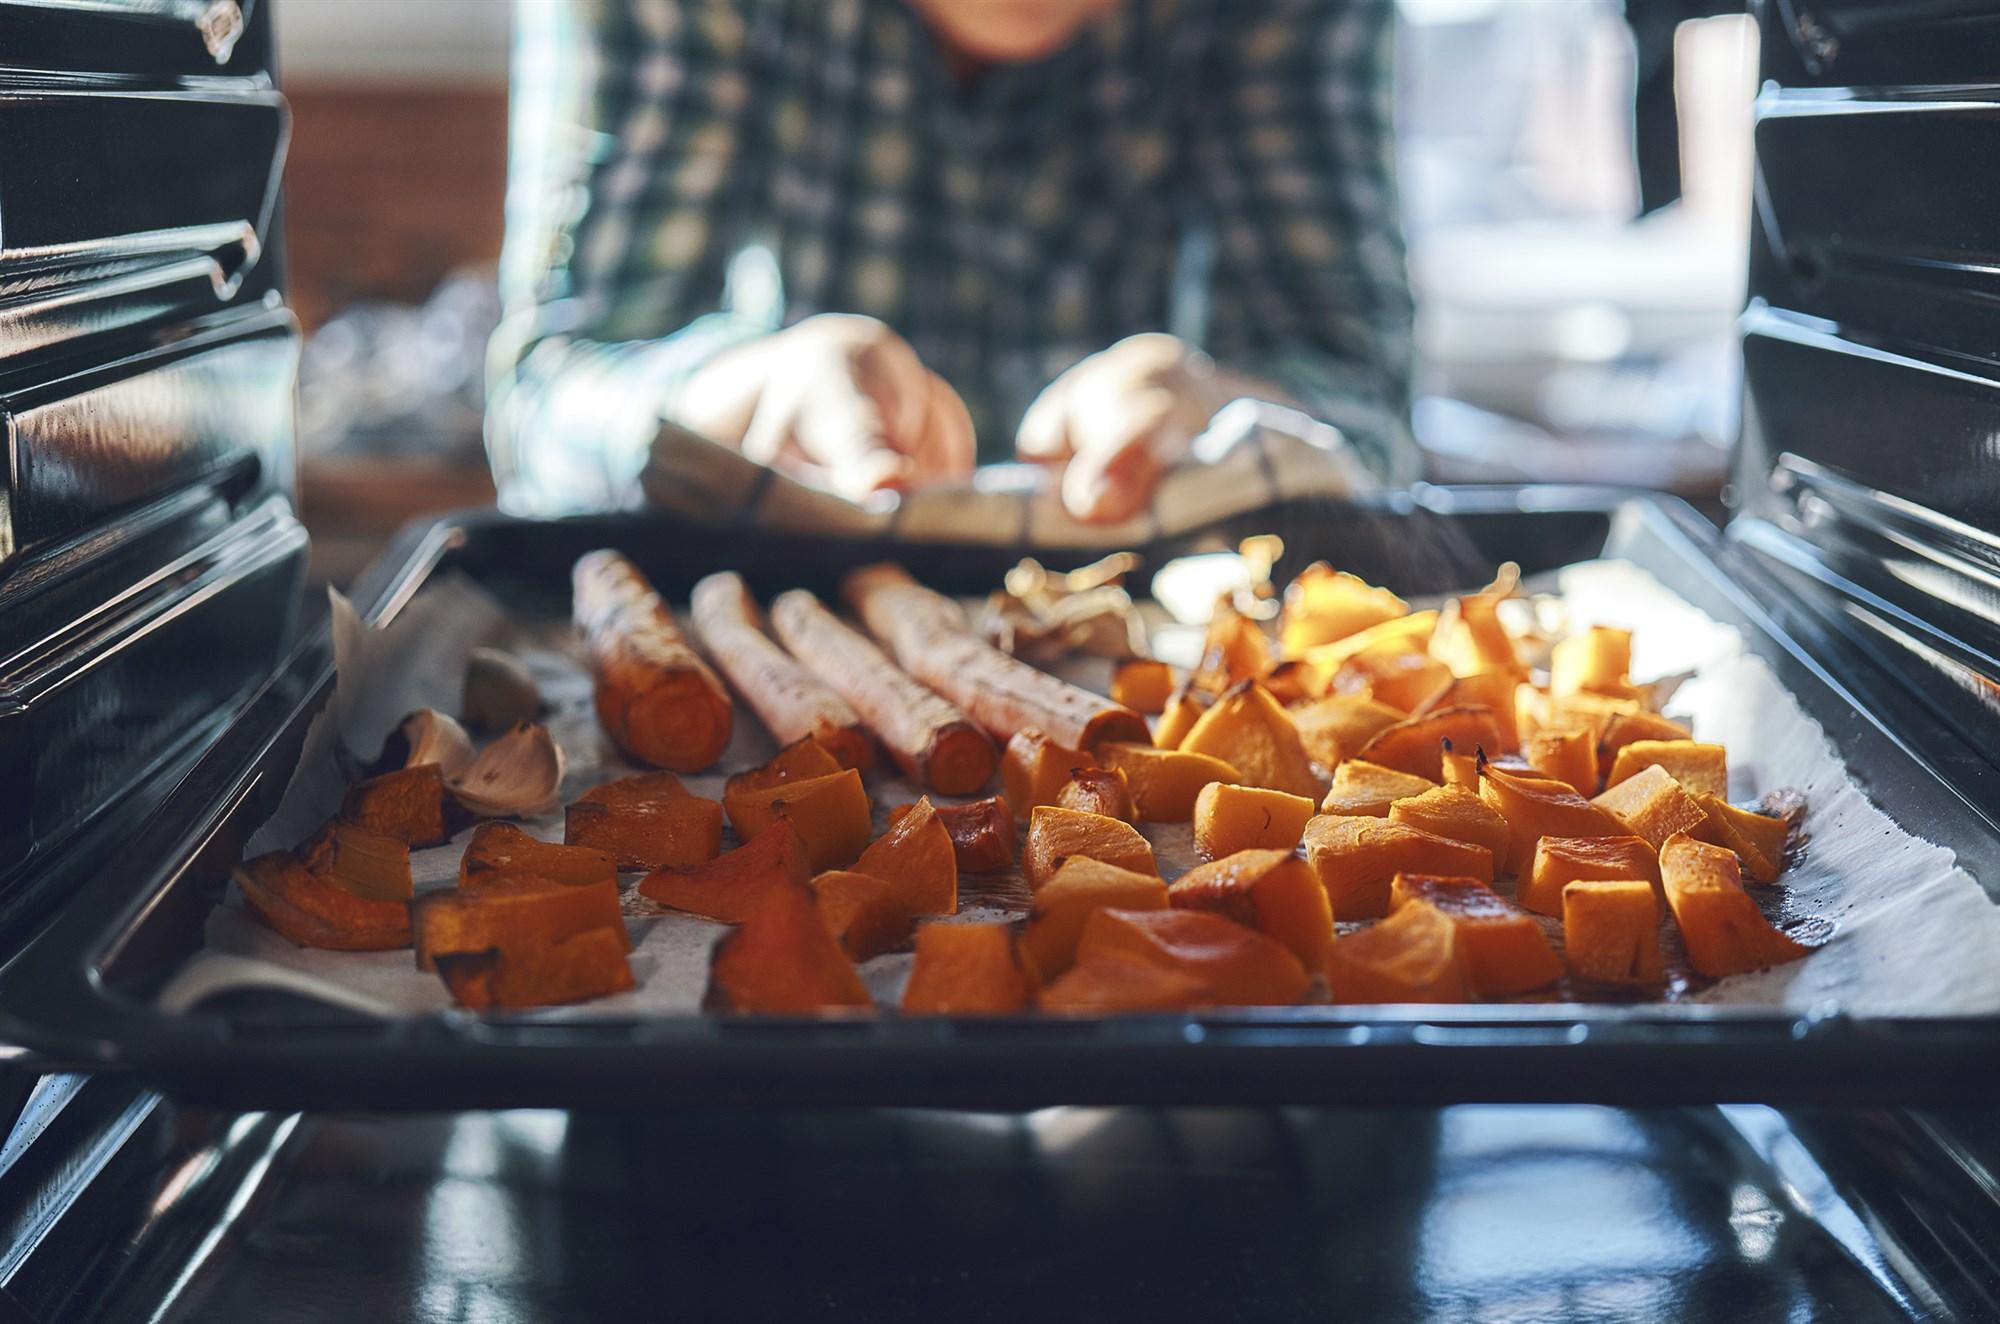 190809-roasting-pumpkins-oven-ac-742p_110bcafb232ad351a6a732d3e7949635.fit-2000w.jpg